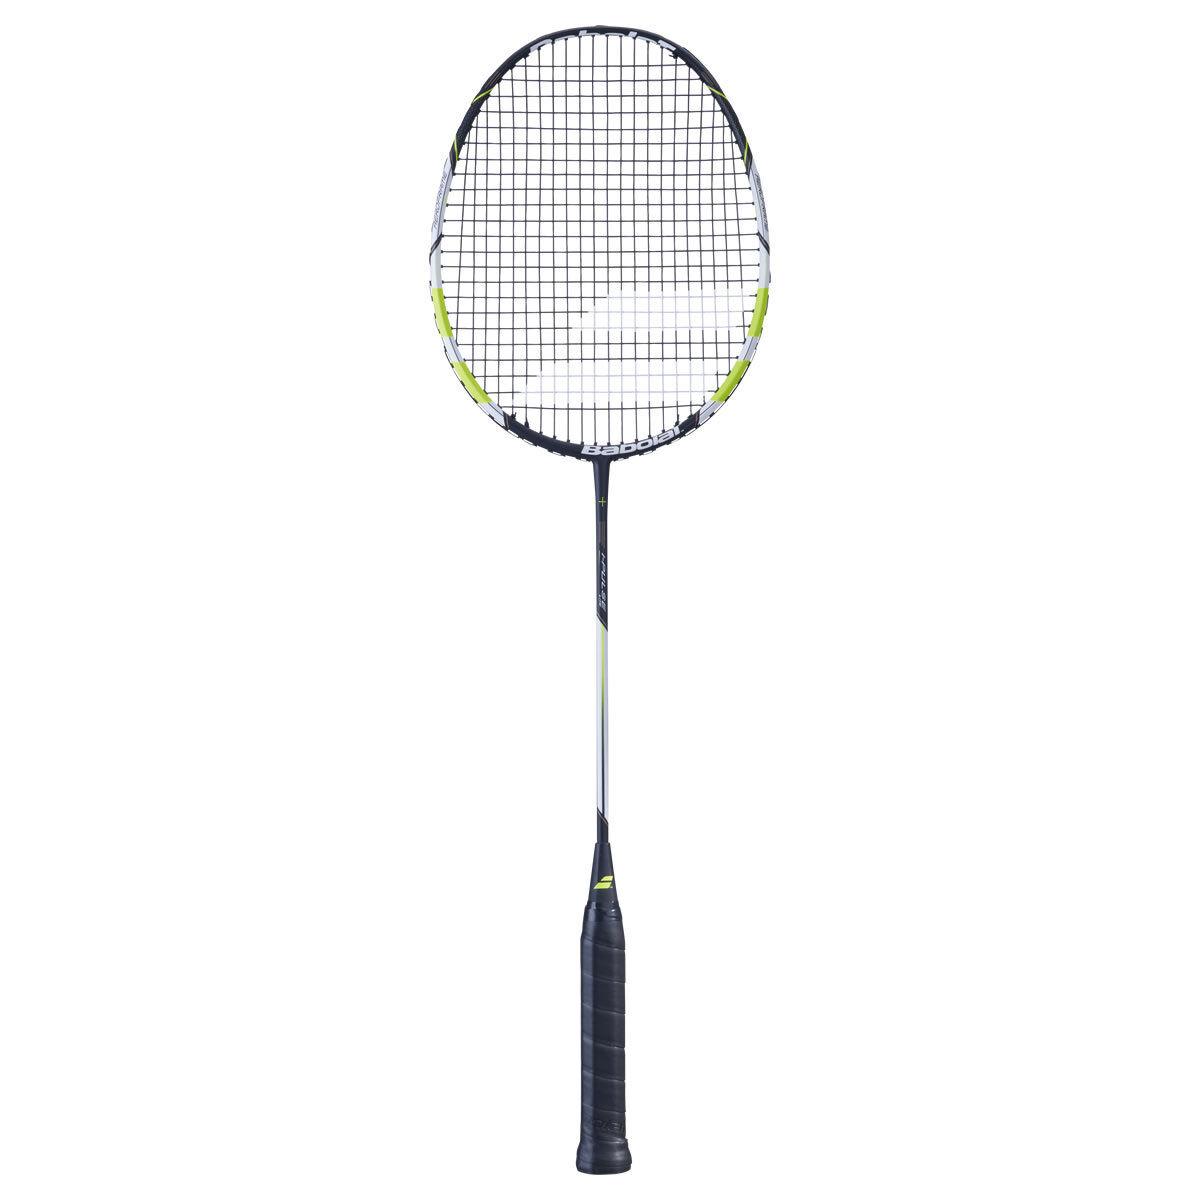 BABOLAT I-Pulse Lite Badmintonschläger Badmintonschläger Badmintonschläger mit Besaitung Hülle Version 2019 -NEU-  | Neue Produkte im Jahr 2019  16ff4f